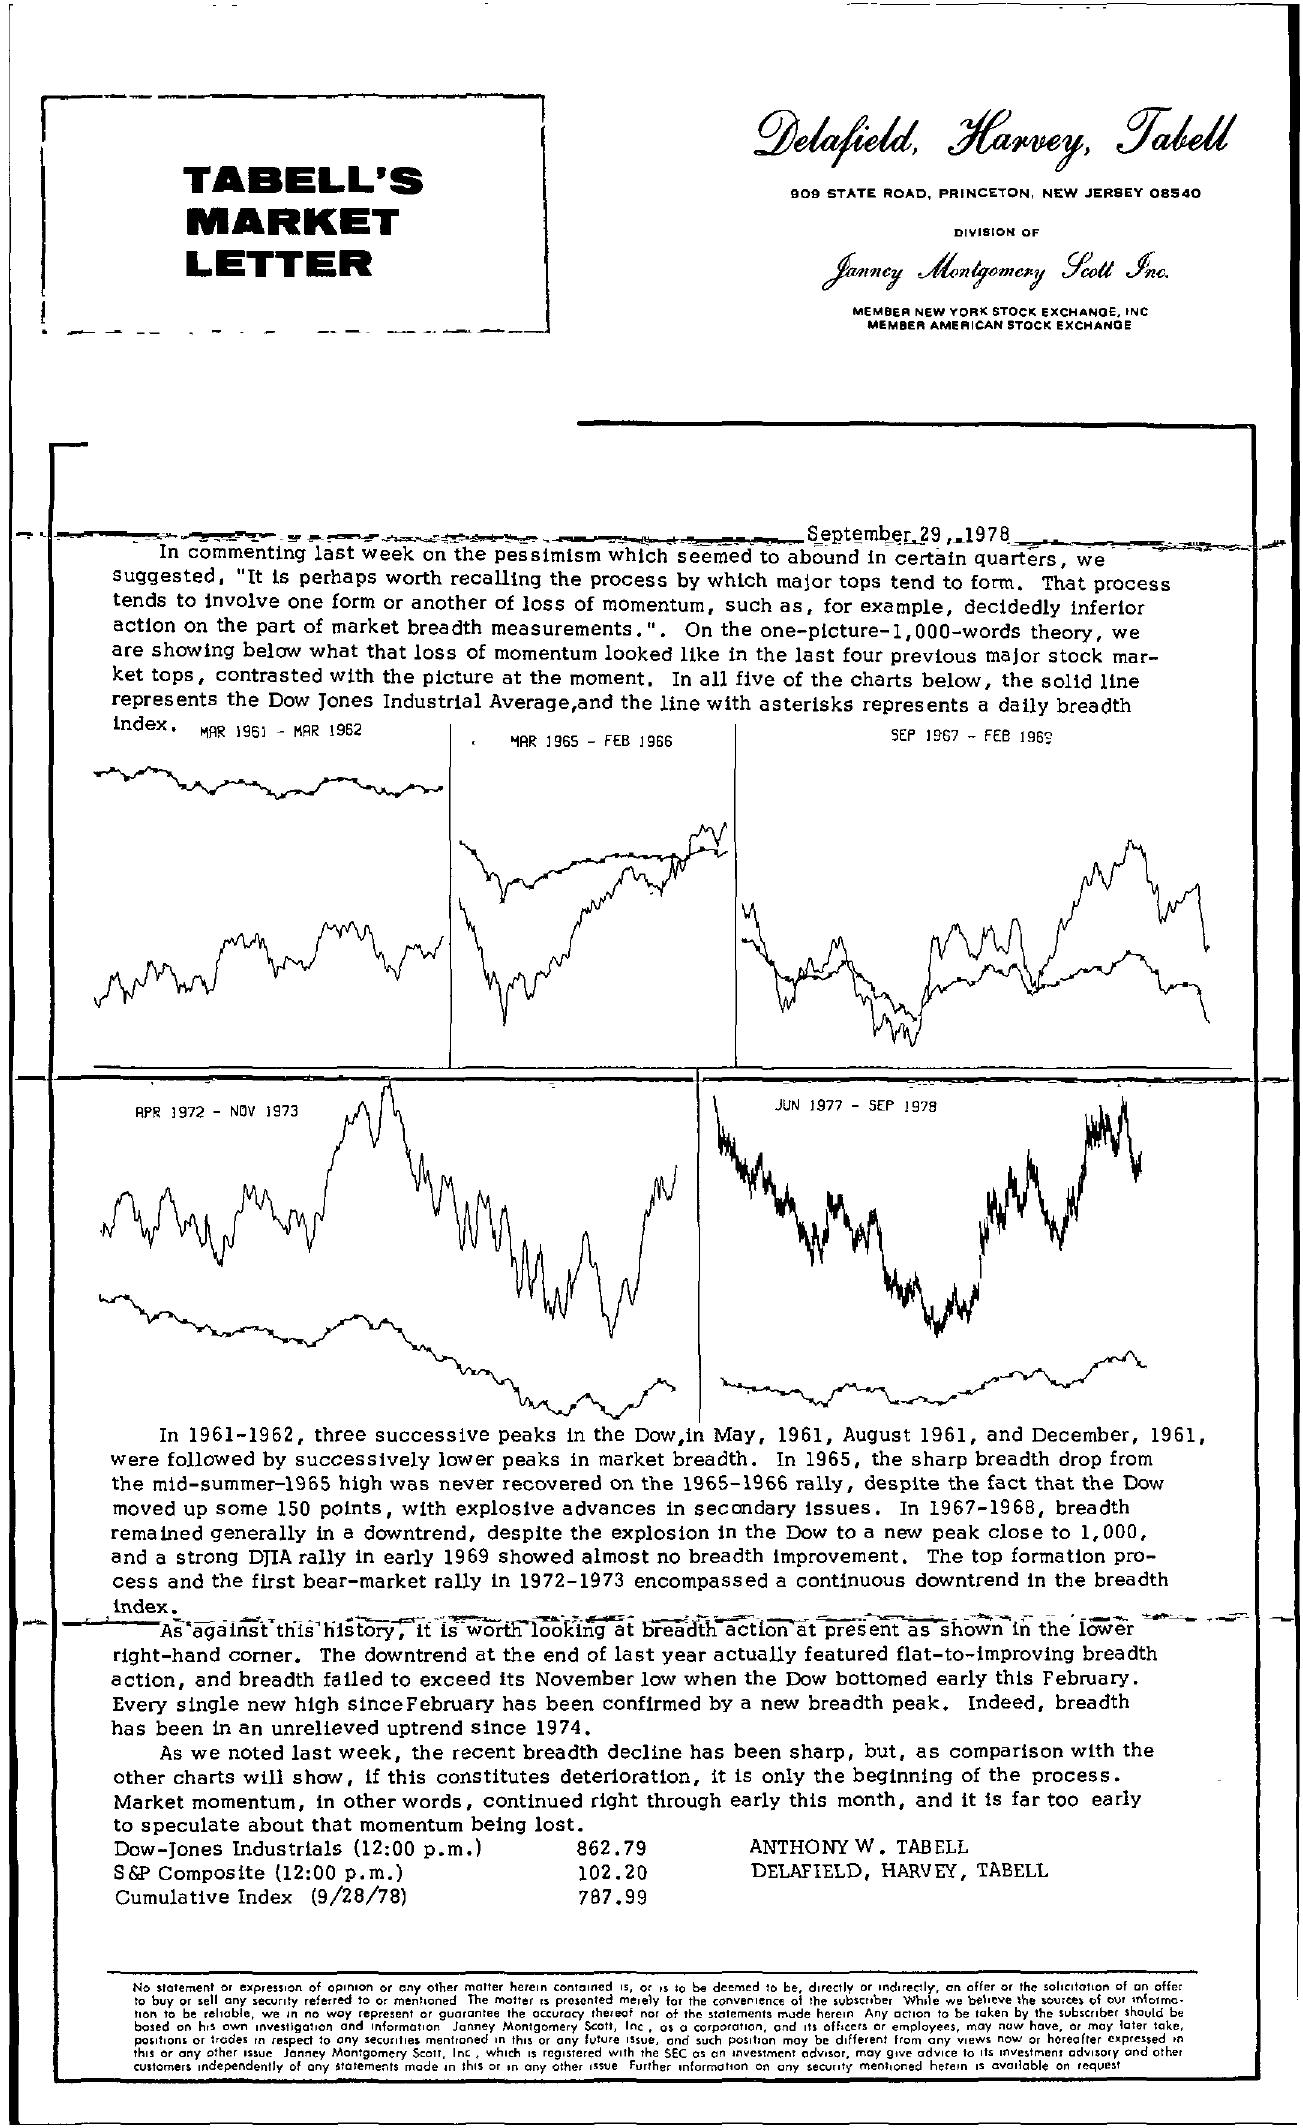 Tabell's Market Letter - September 29, 1978